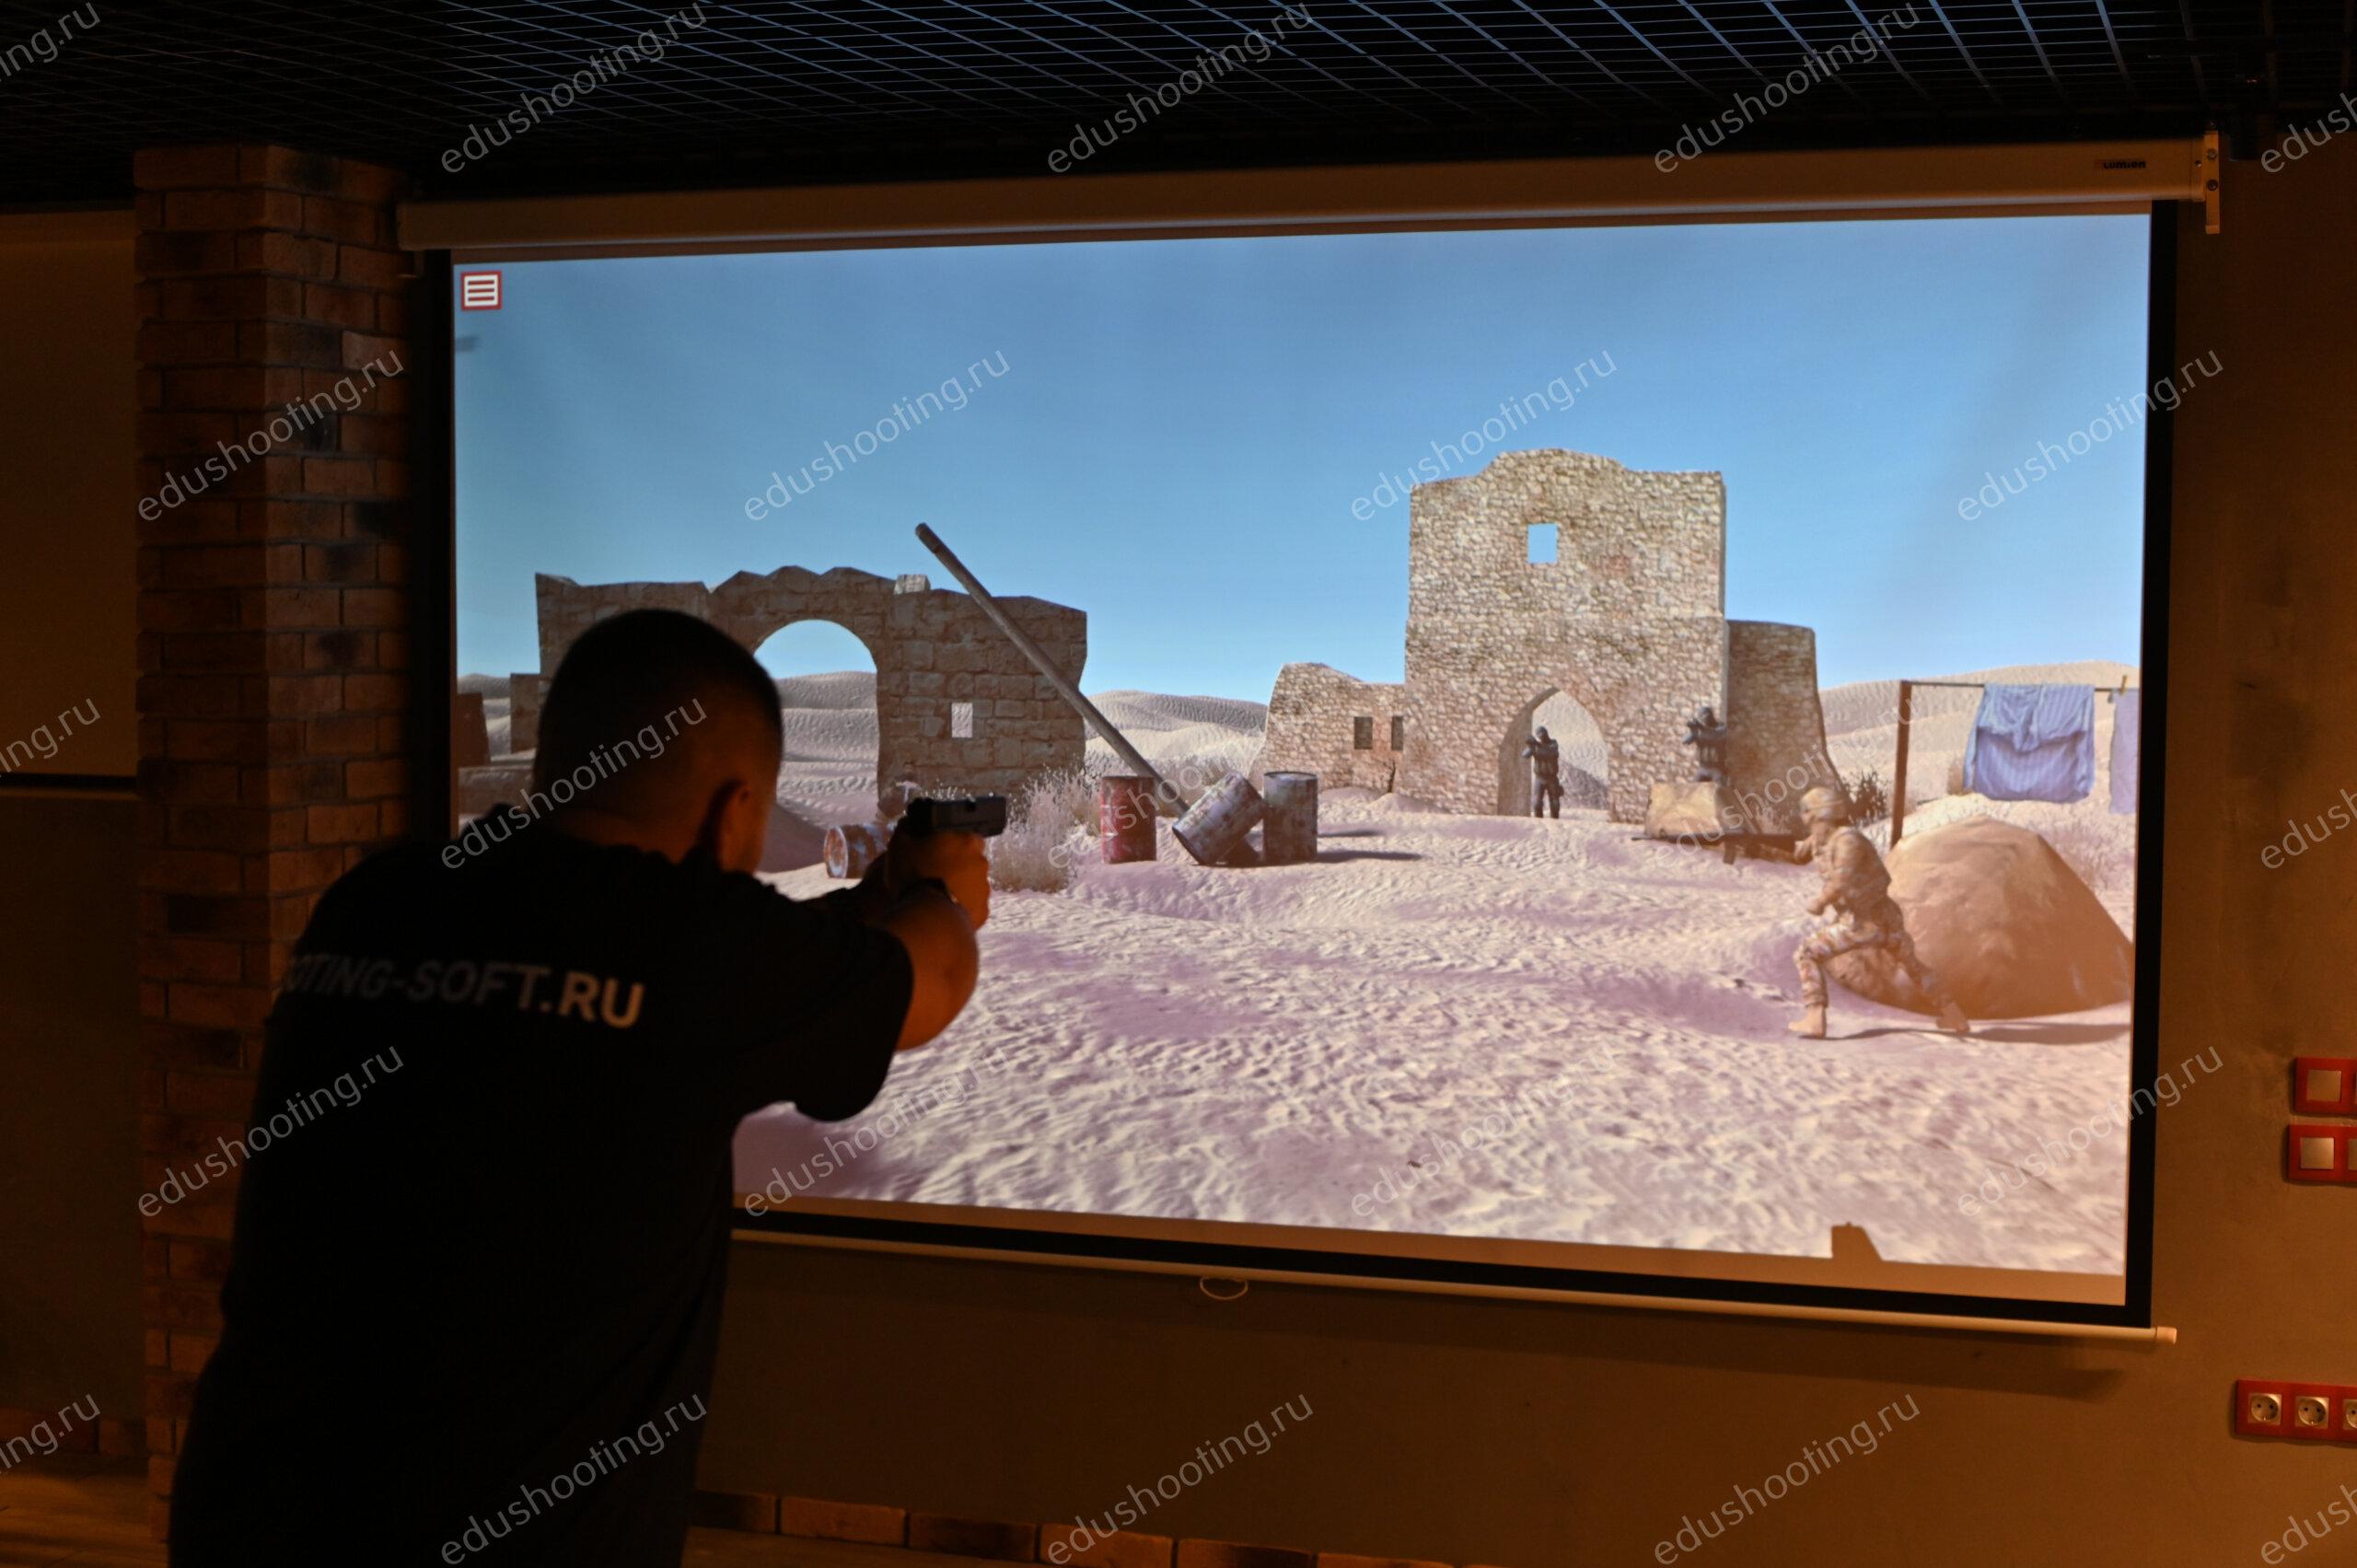 Стрельба по противникам в интерактивном тире